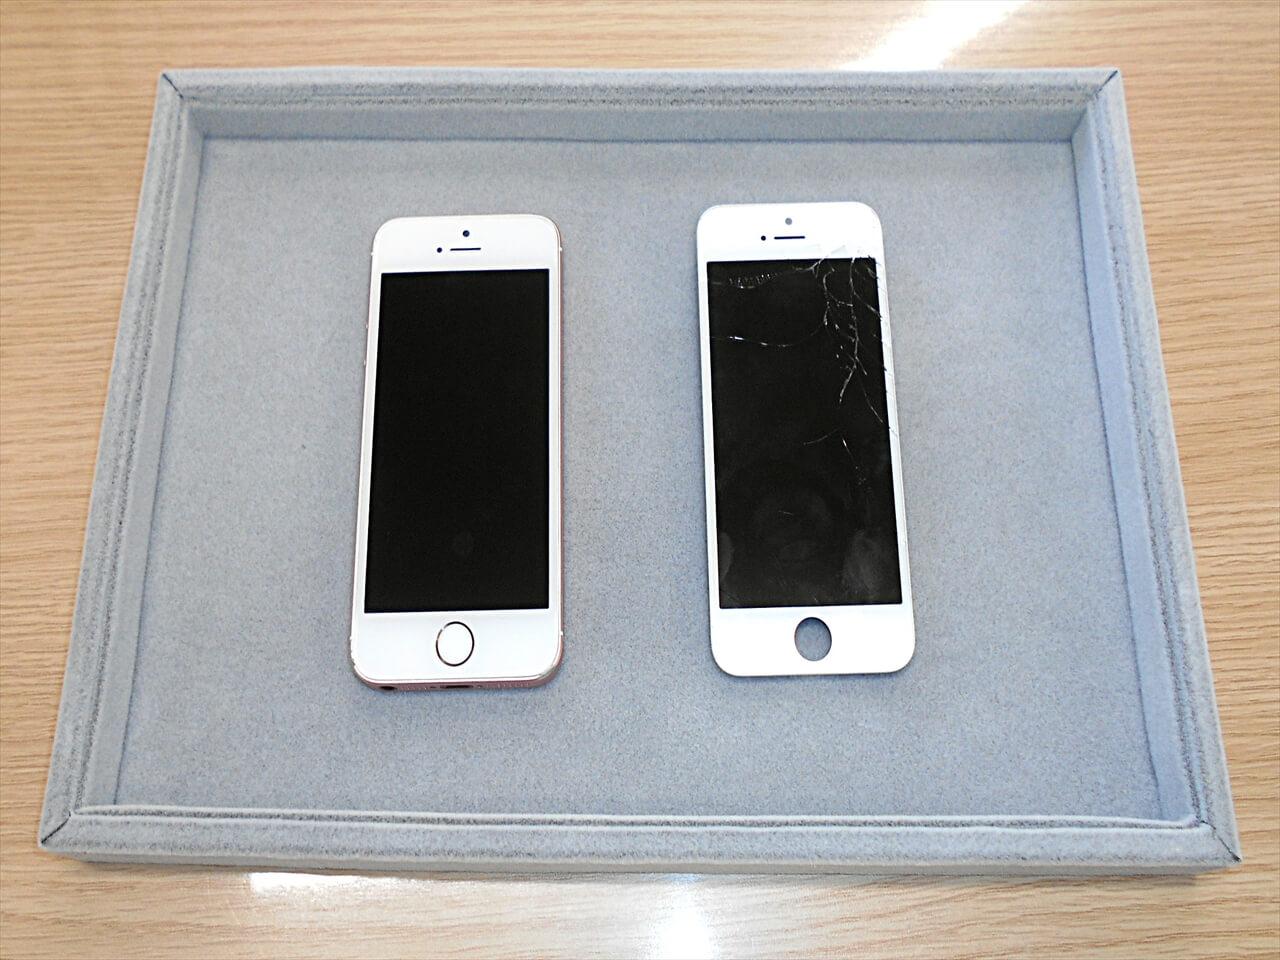 iPhone(アイフォン)SEガラス交換修理を行いました(*^_^*)